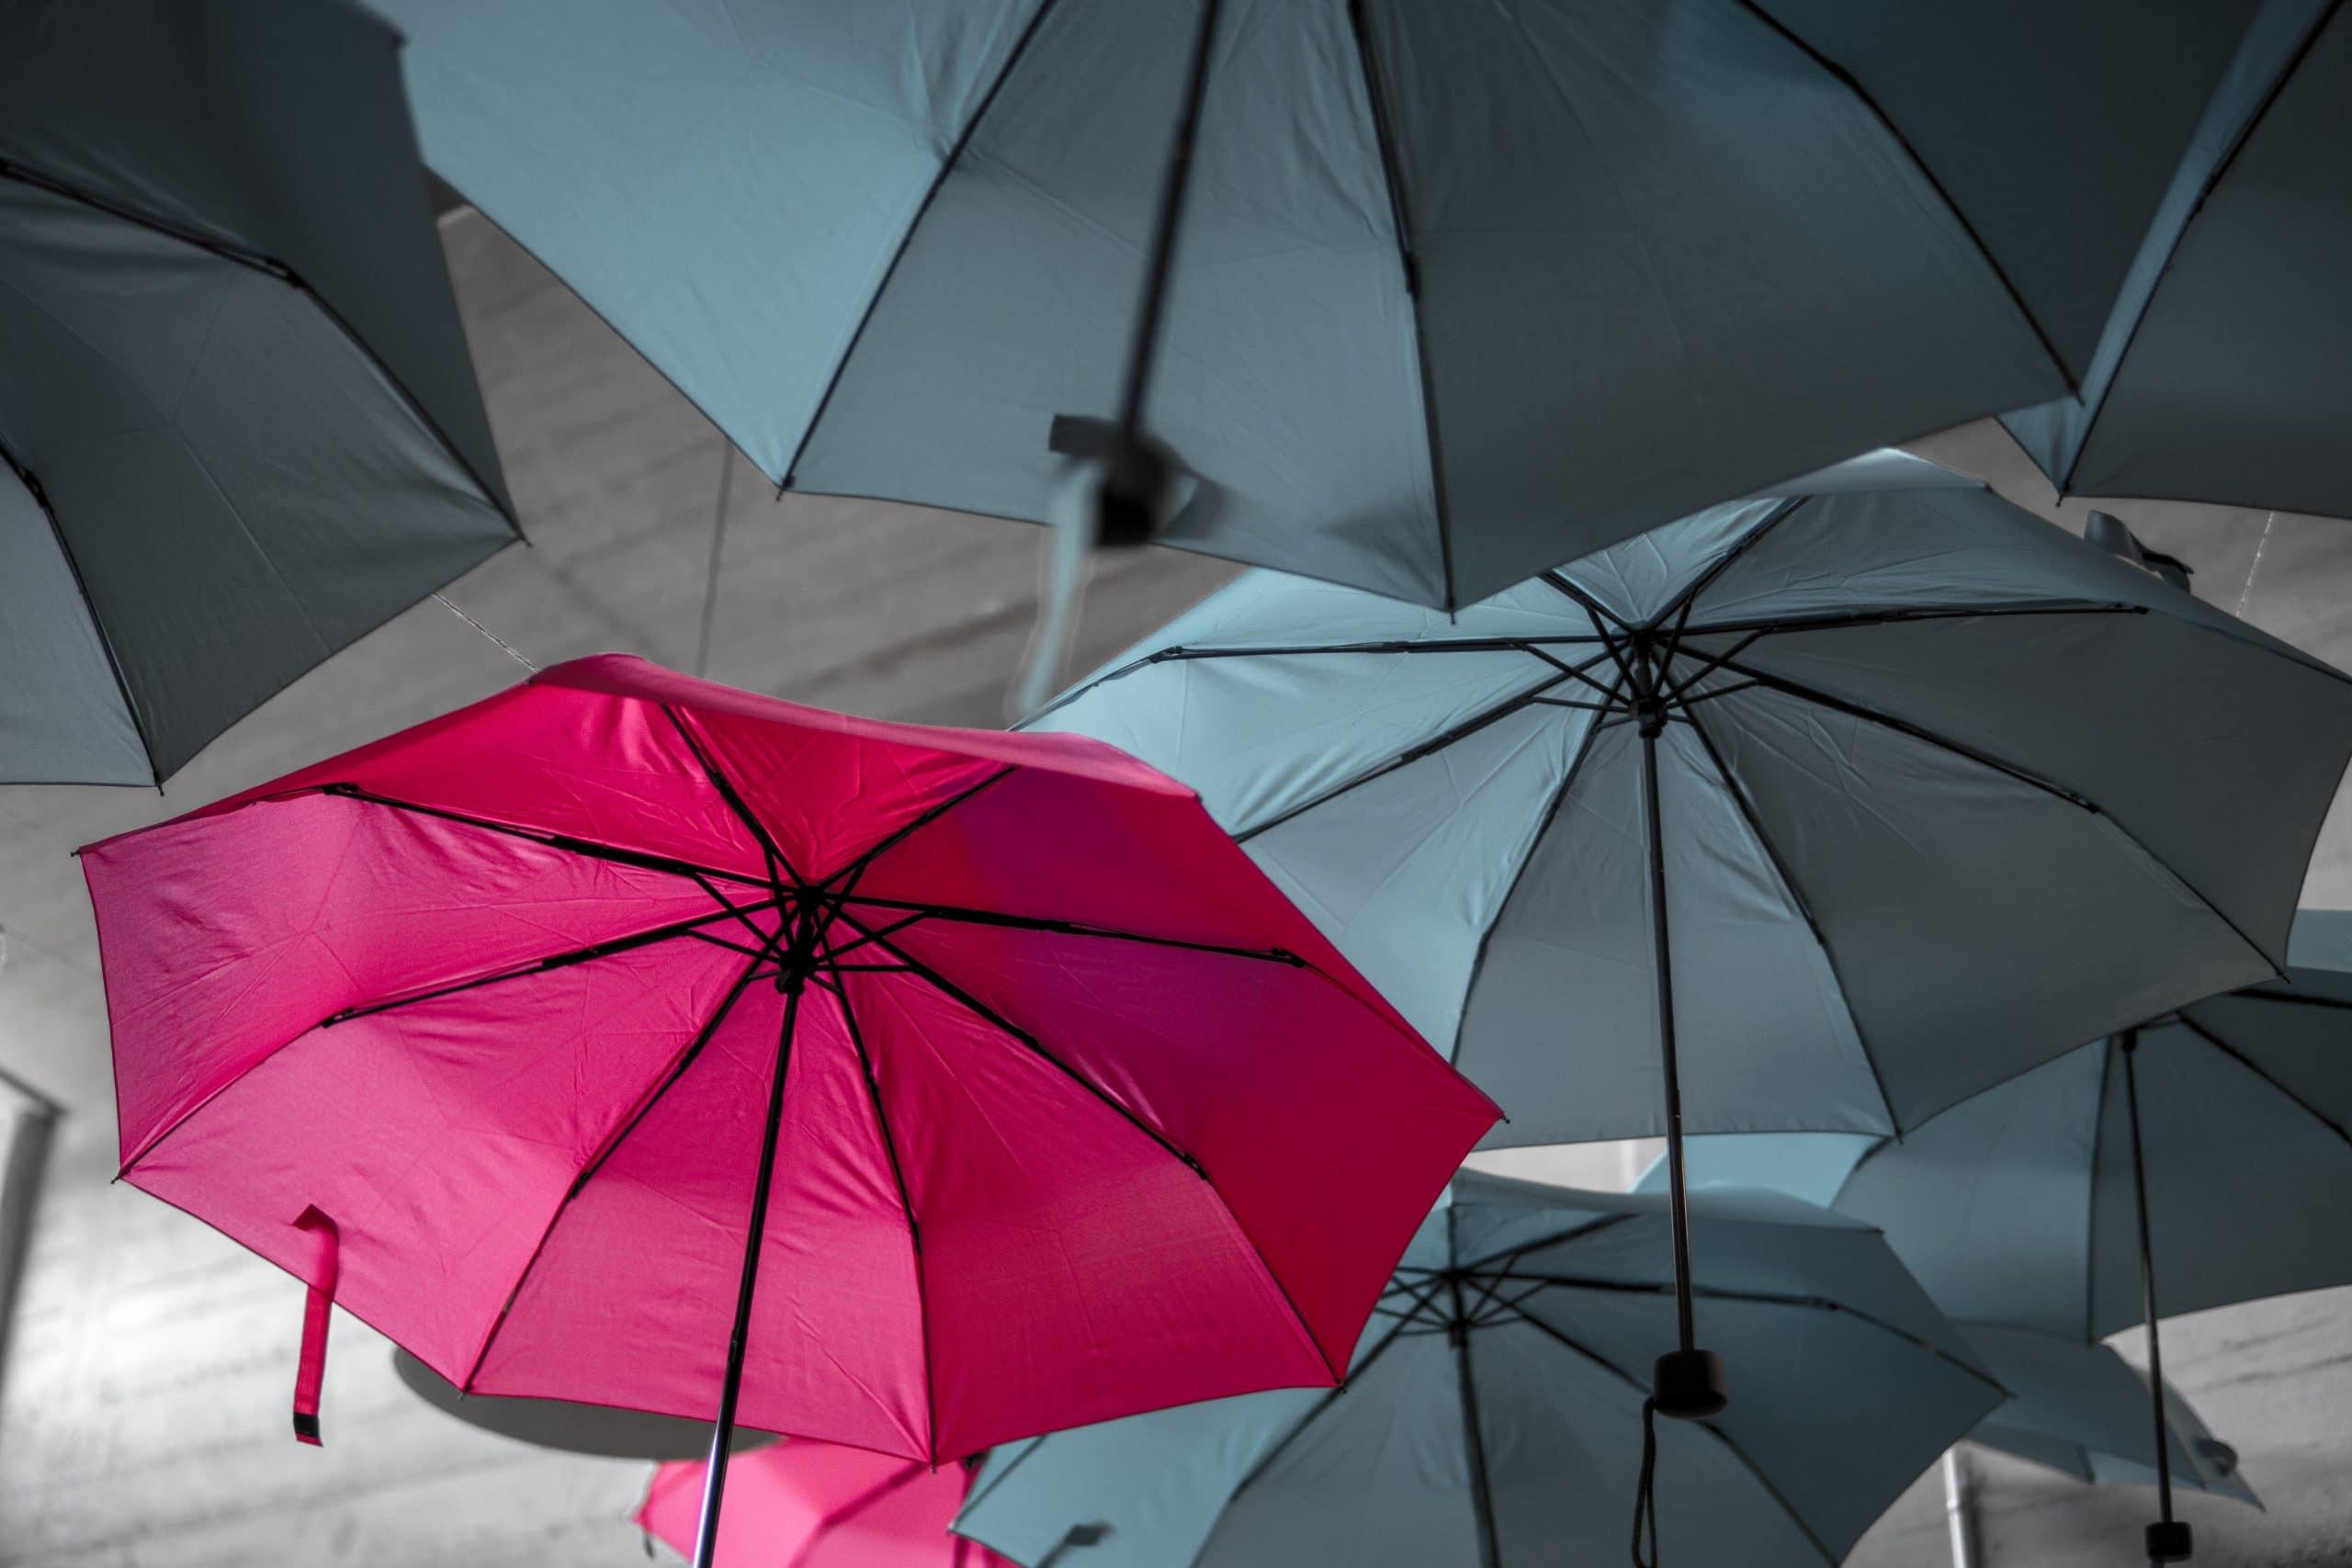 Guarda-chuvas pretos e no meio um rosa. Conceito de diferente e único.